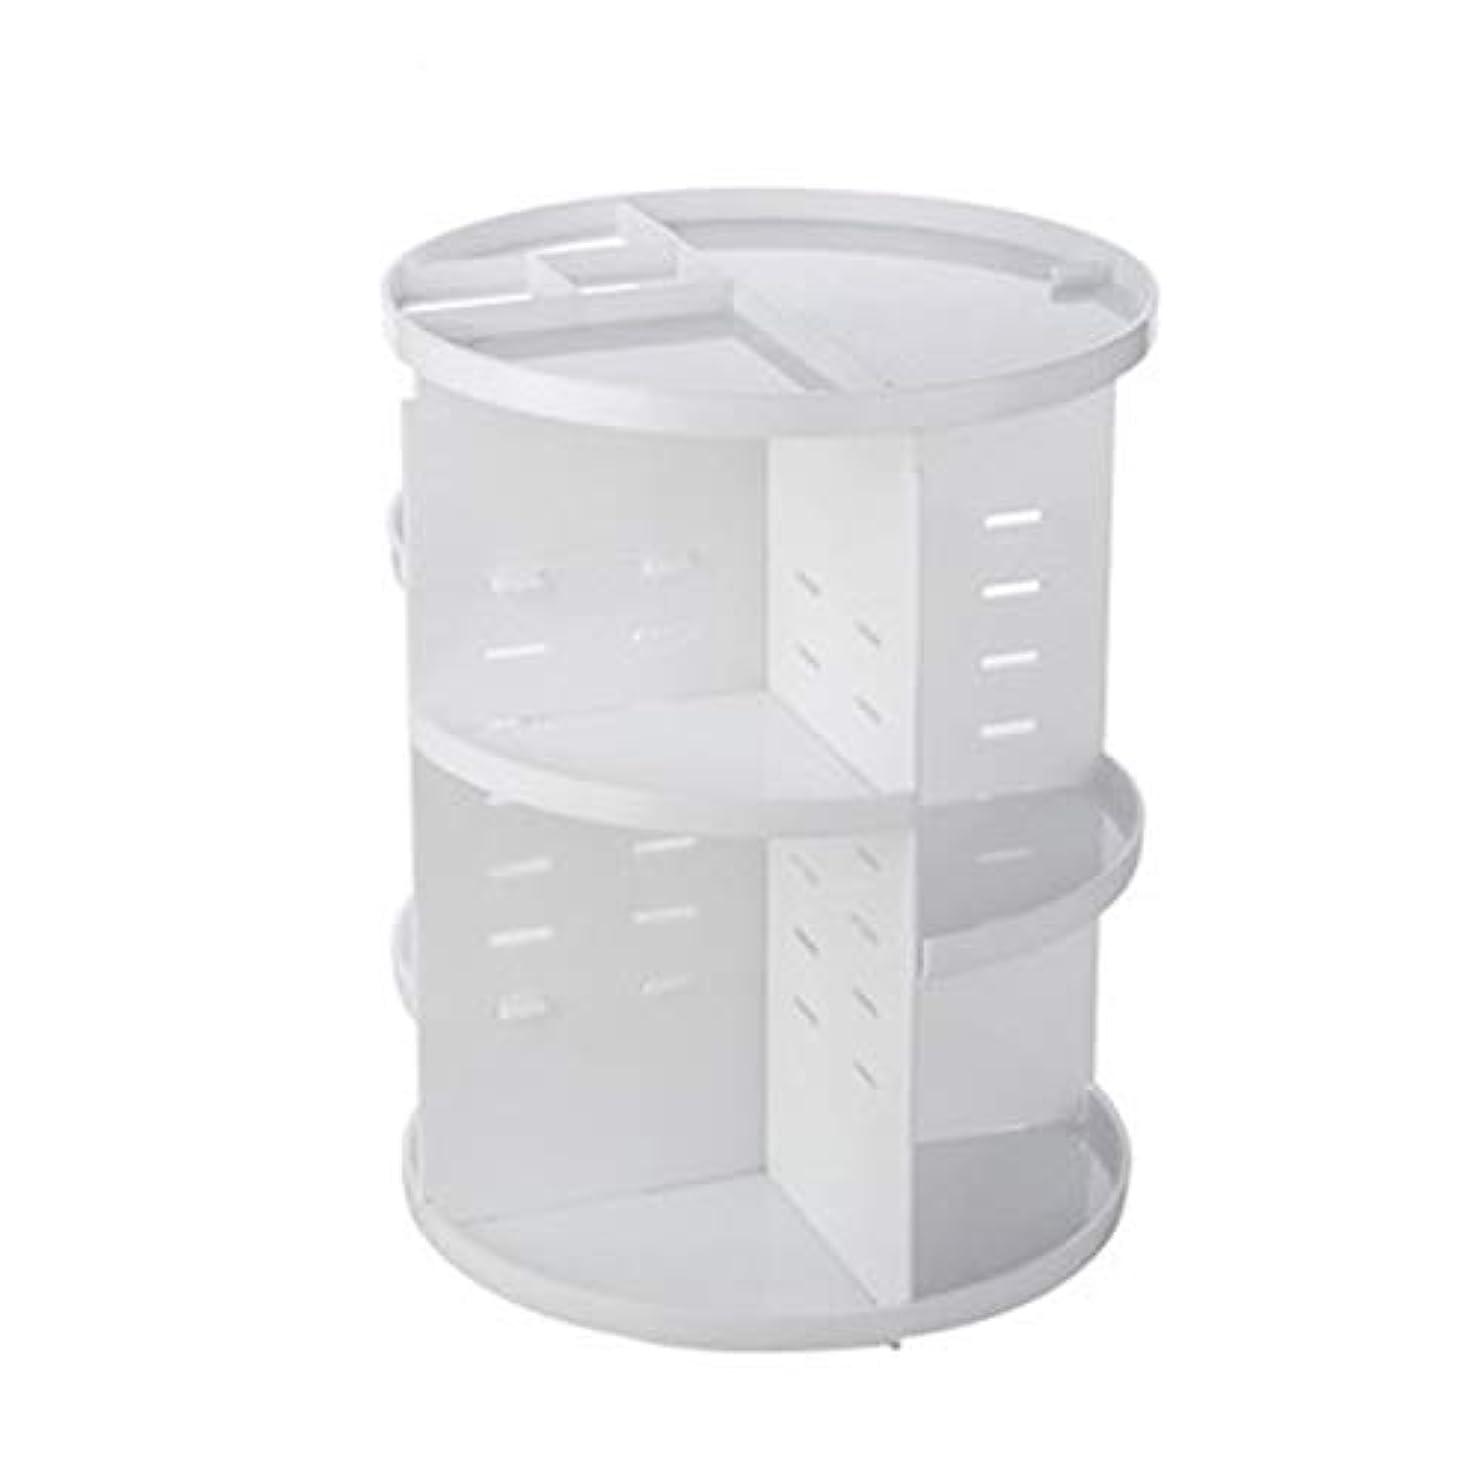 精巧な送料気を散らす化粧品収納ボックス FidgetFidget 大容量 360度回転 コスメ収納ボックス 小物/化粧品入れ コスメ収納スタンド レディース メイクケース 白